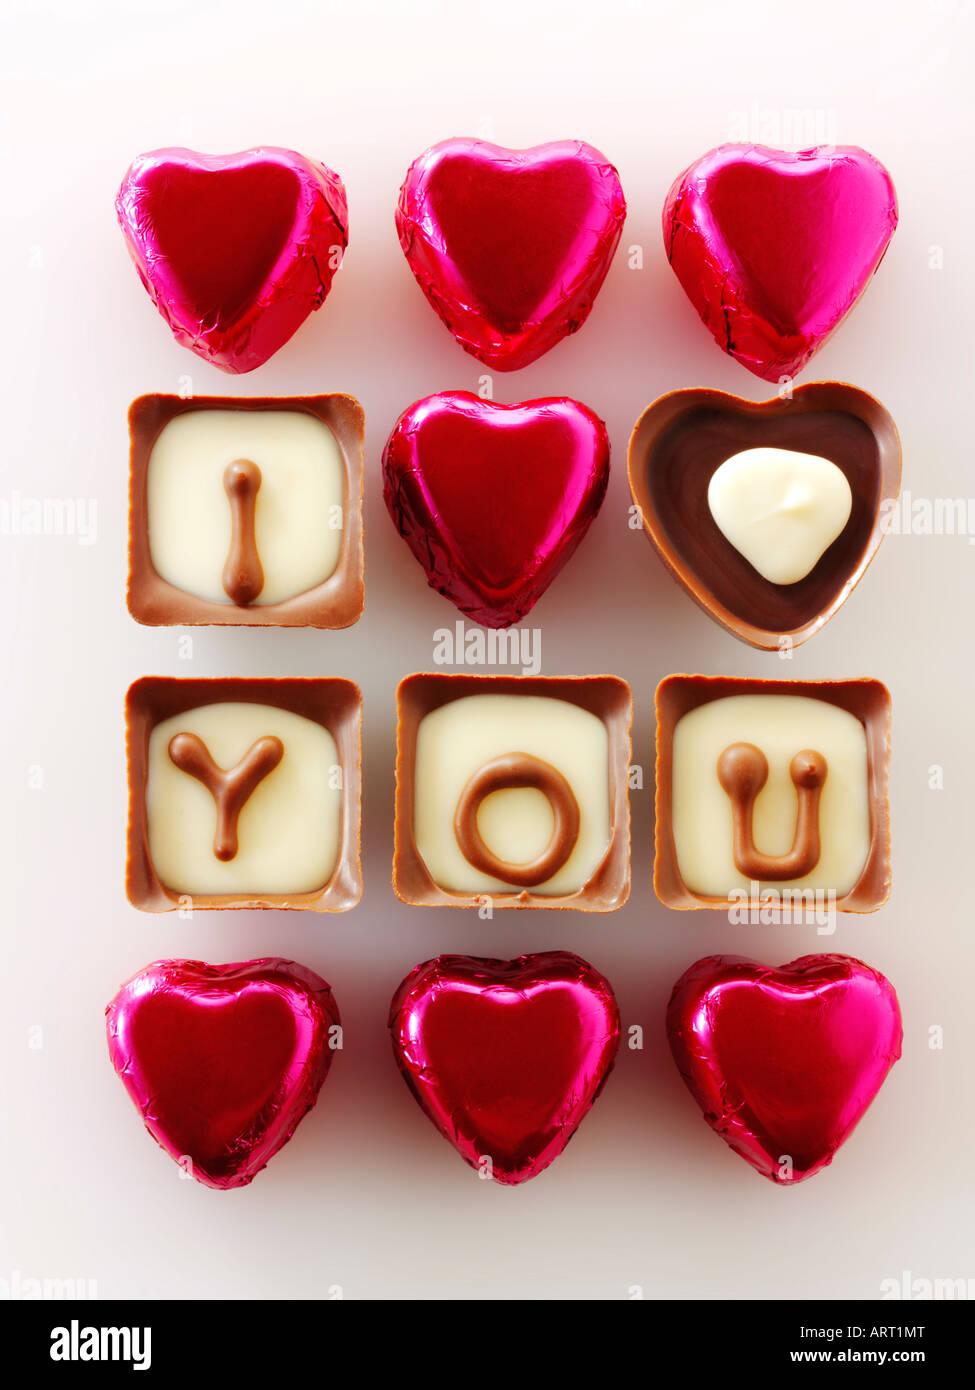 Je t'aime écrit en chocolats en forme de coeur rouge avec des chocolats. Photo Stock